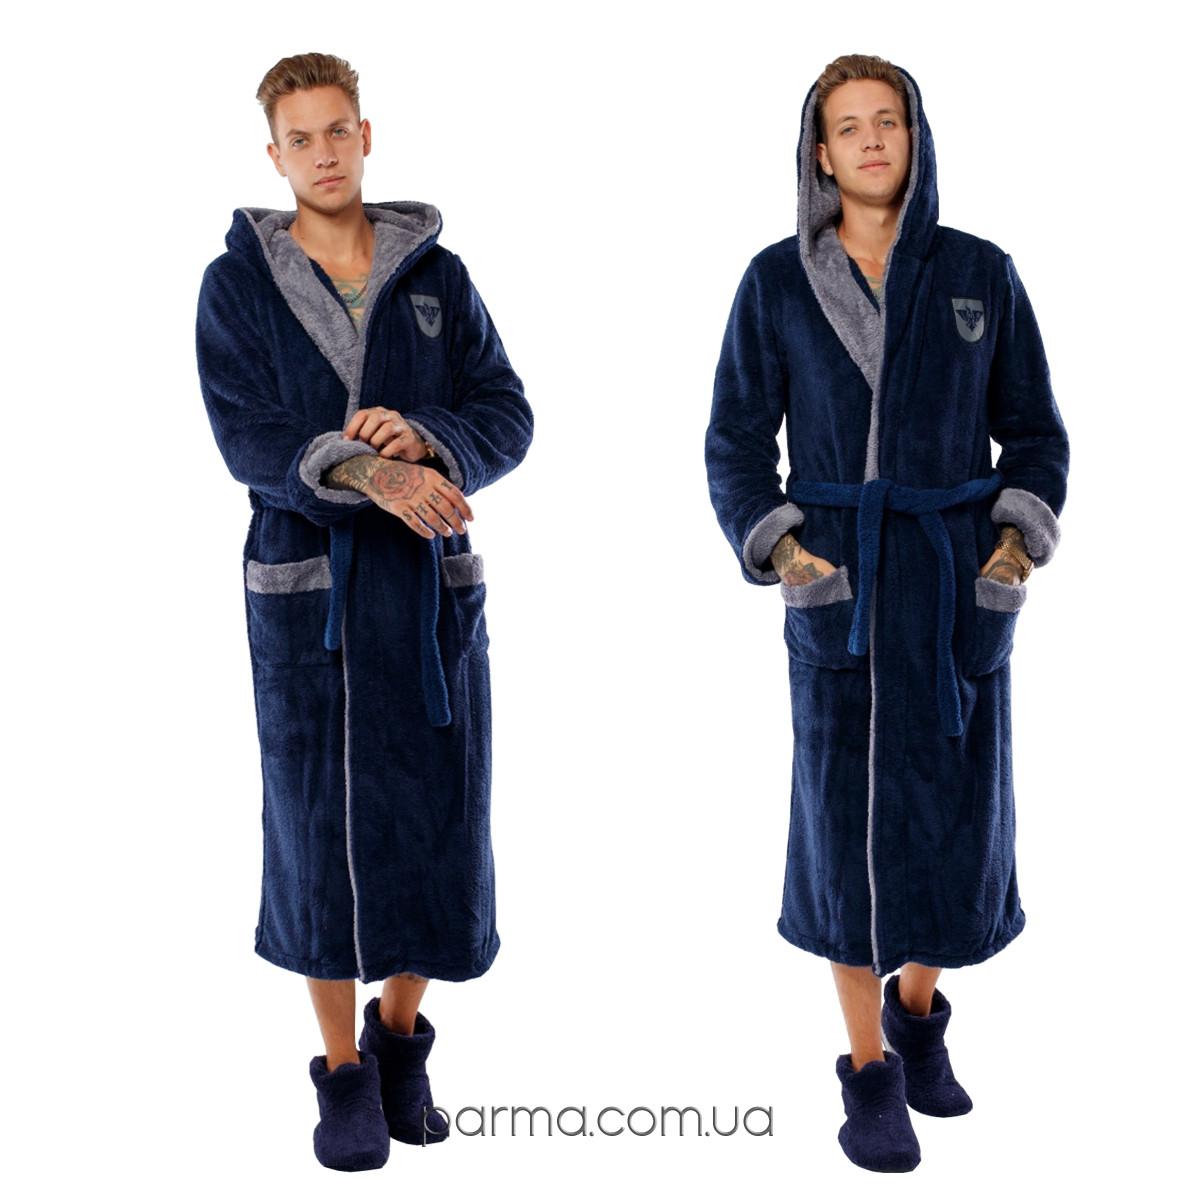 08bb9befcf897 Длинный махровый мужской халат с капюшоном р.48-54 - Интернет магазин PARMA  в